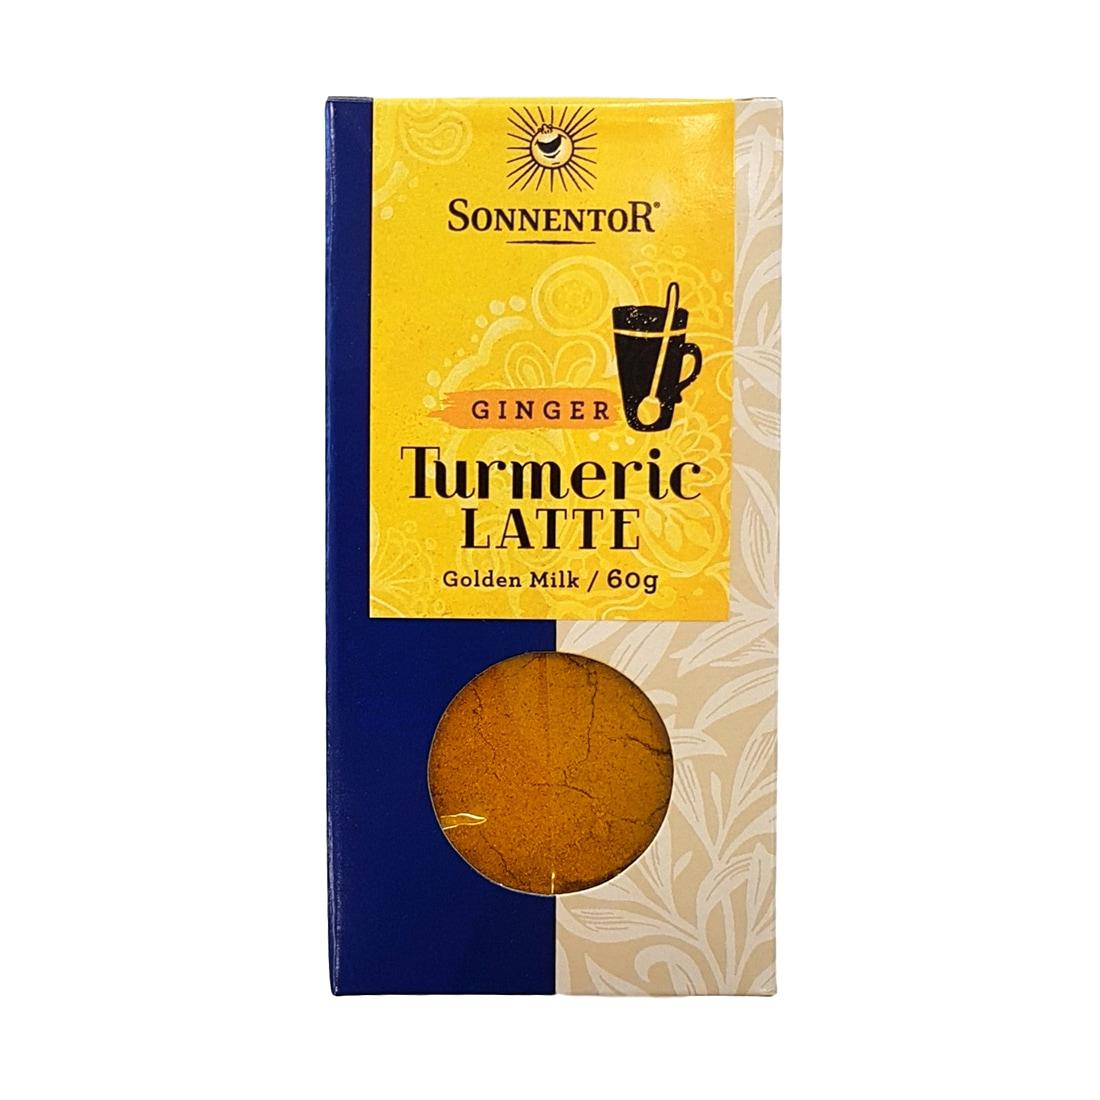 sonnentor-organic-turmeric-latte-ginger-60g